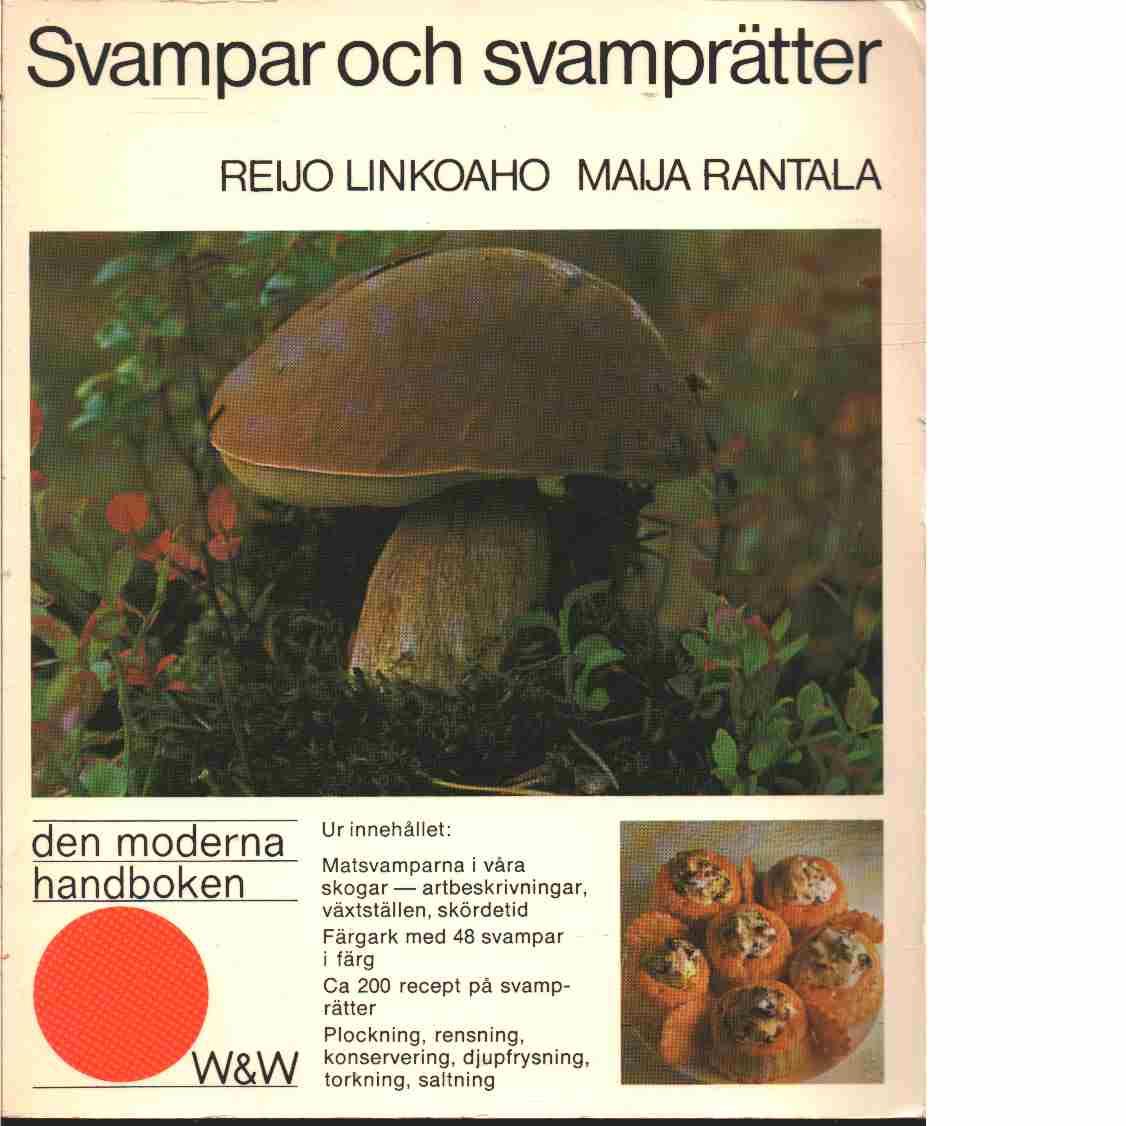 Svampar och svamprätter - Linkoaho, Reijo